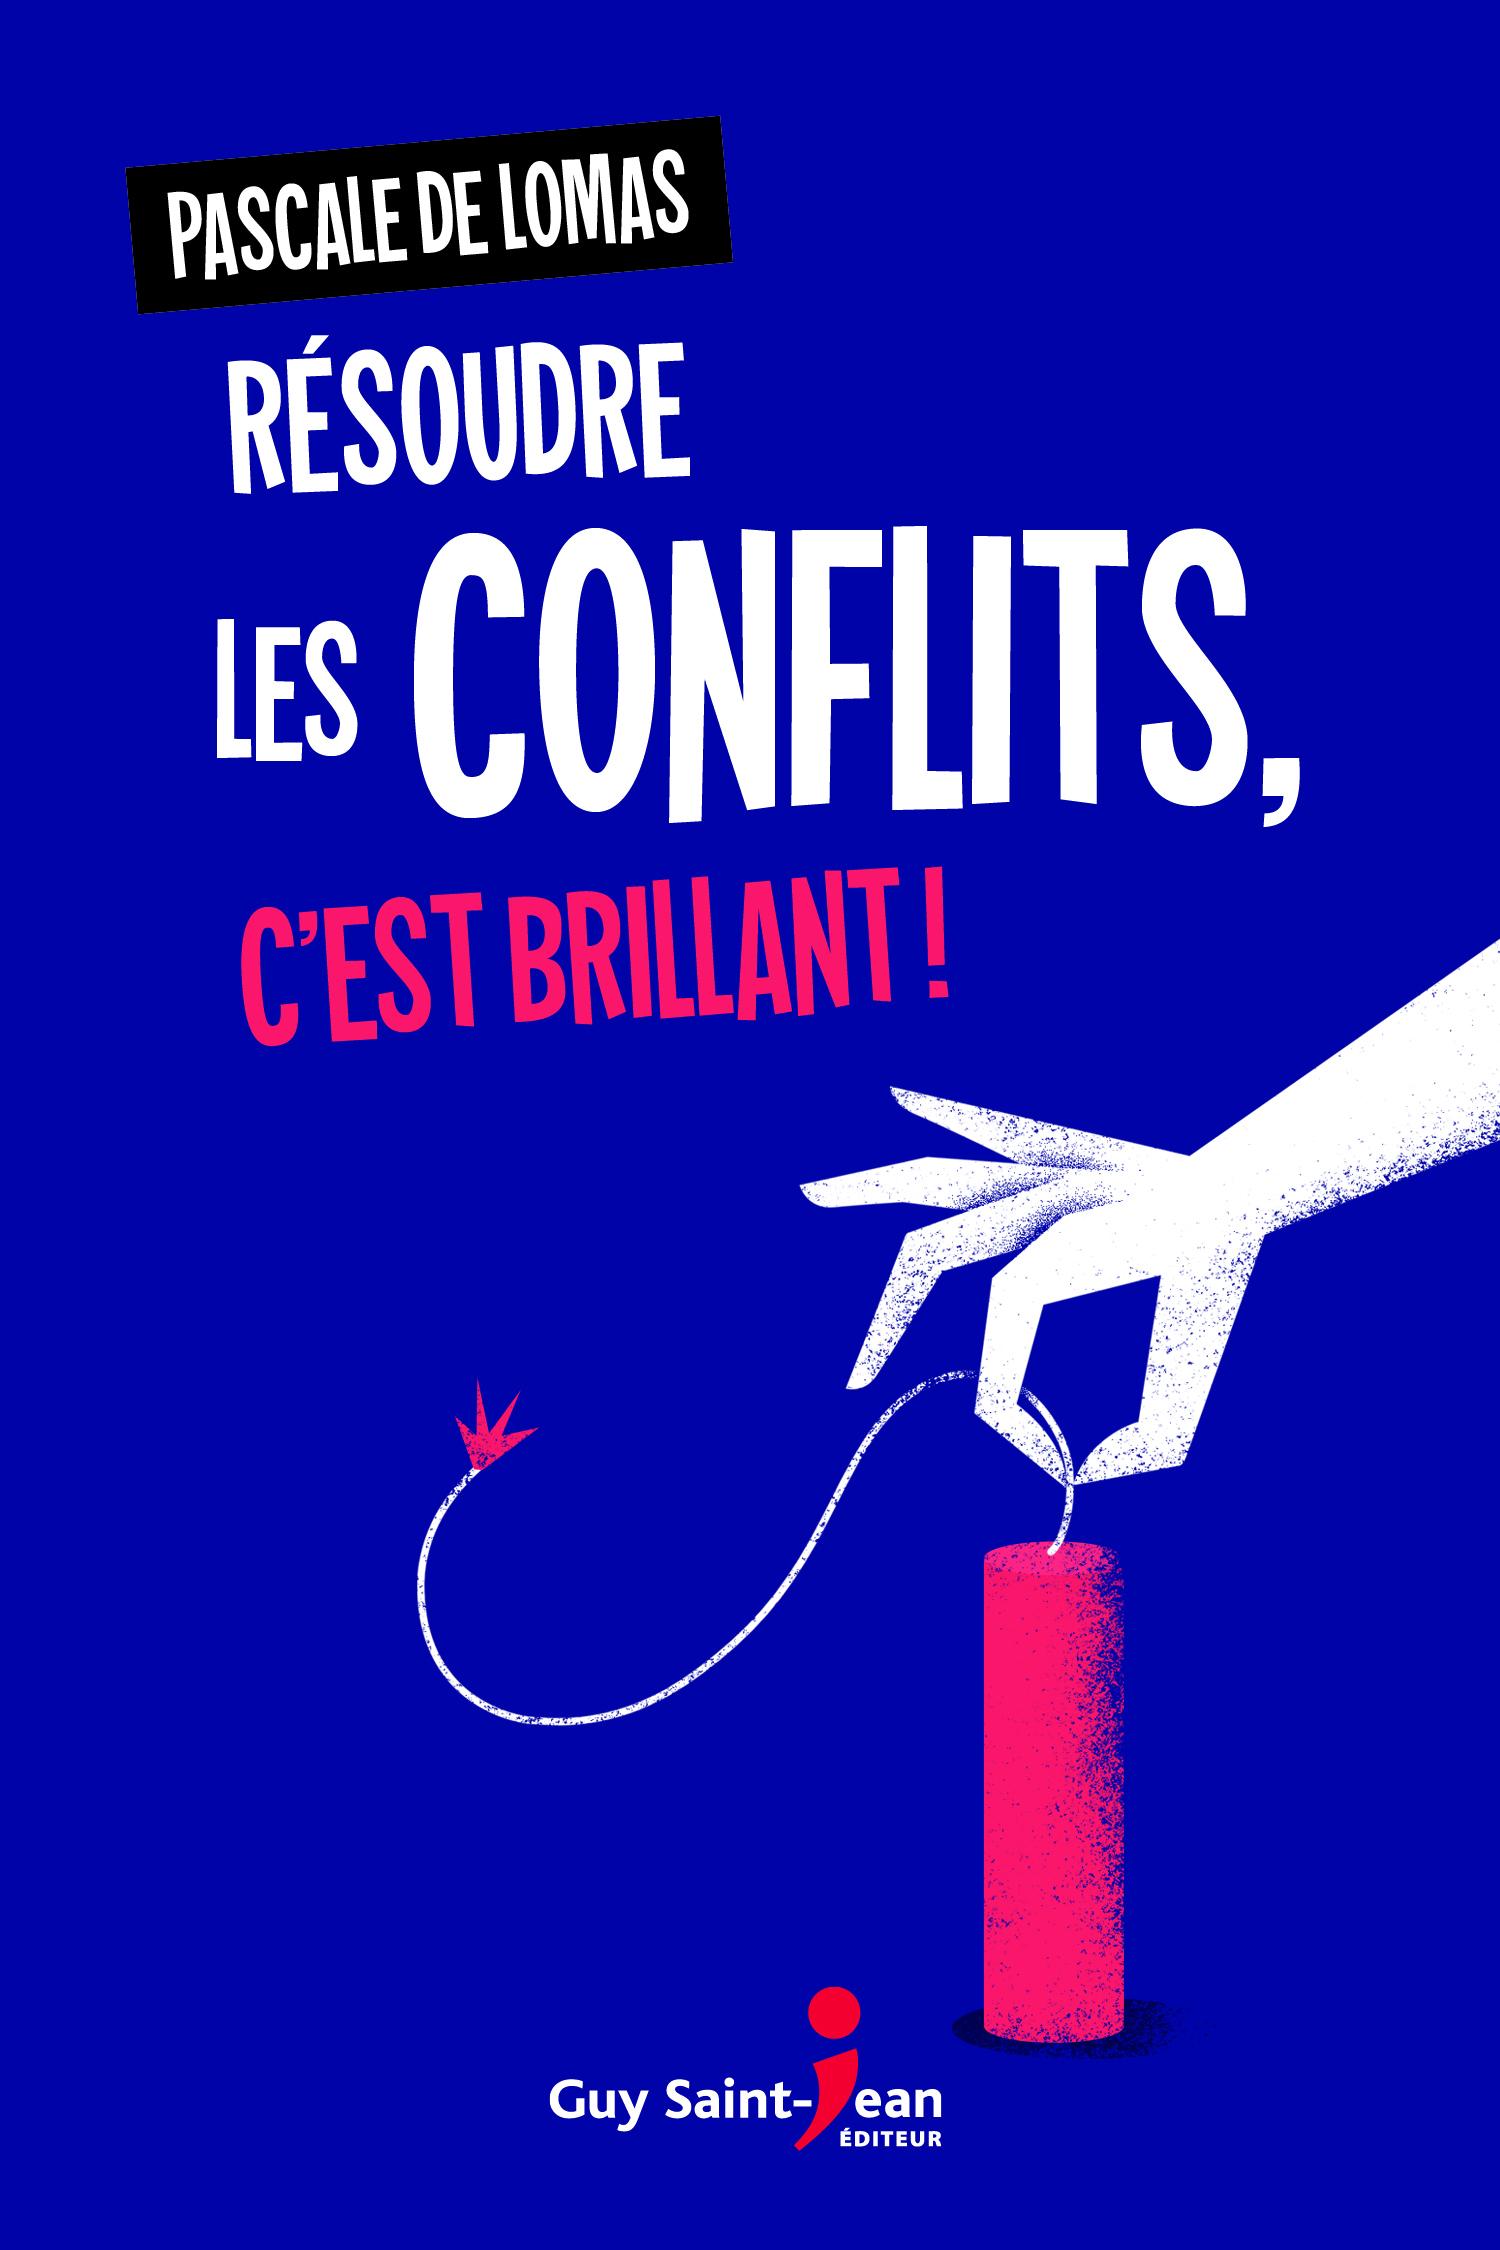 c1_resoudre-les-conflits_hr_final_gb